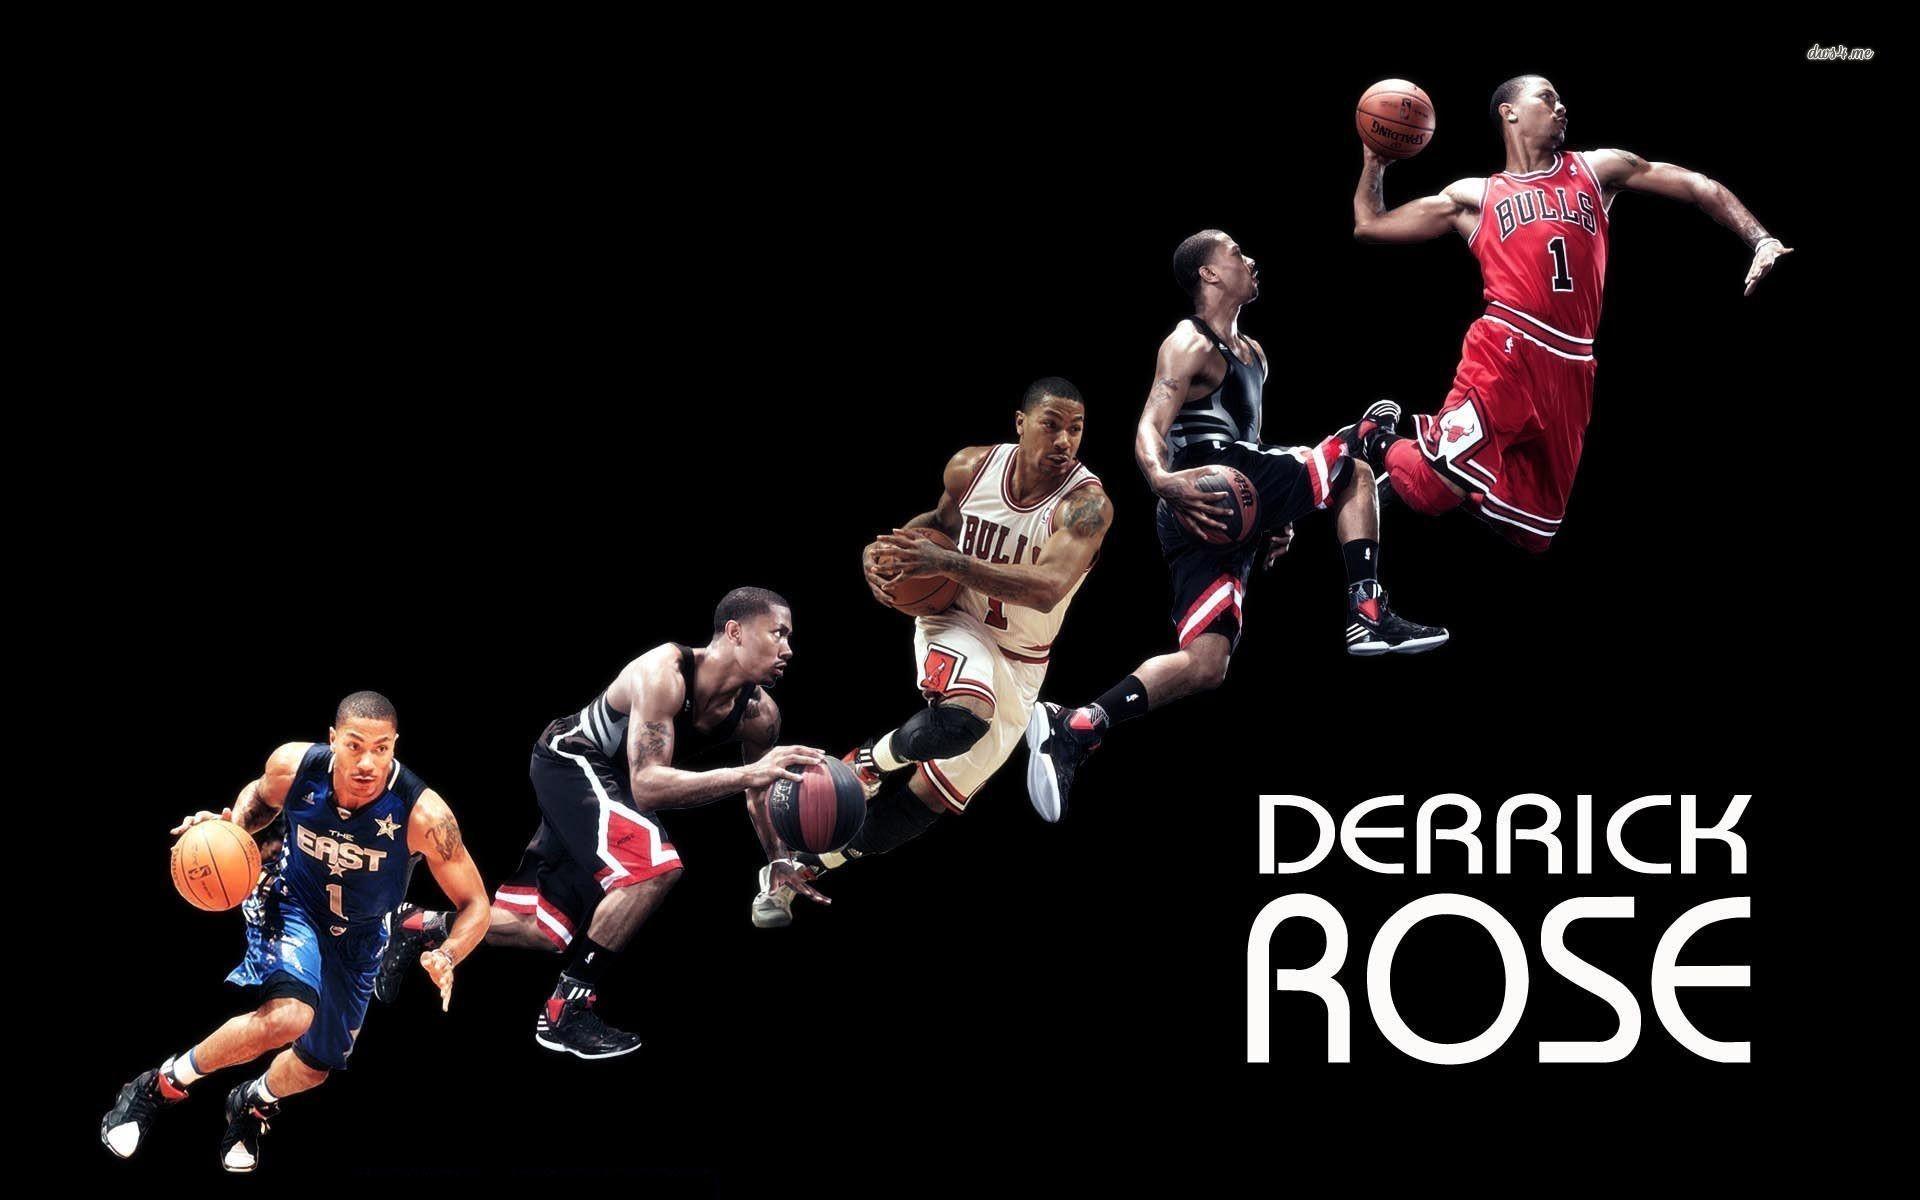 Derrick Rose, chicago bulls, basketball, nba, sport, sports .